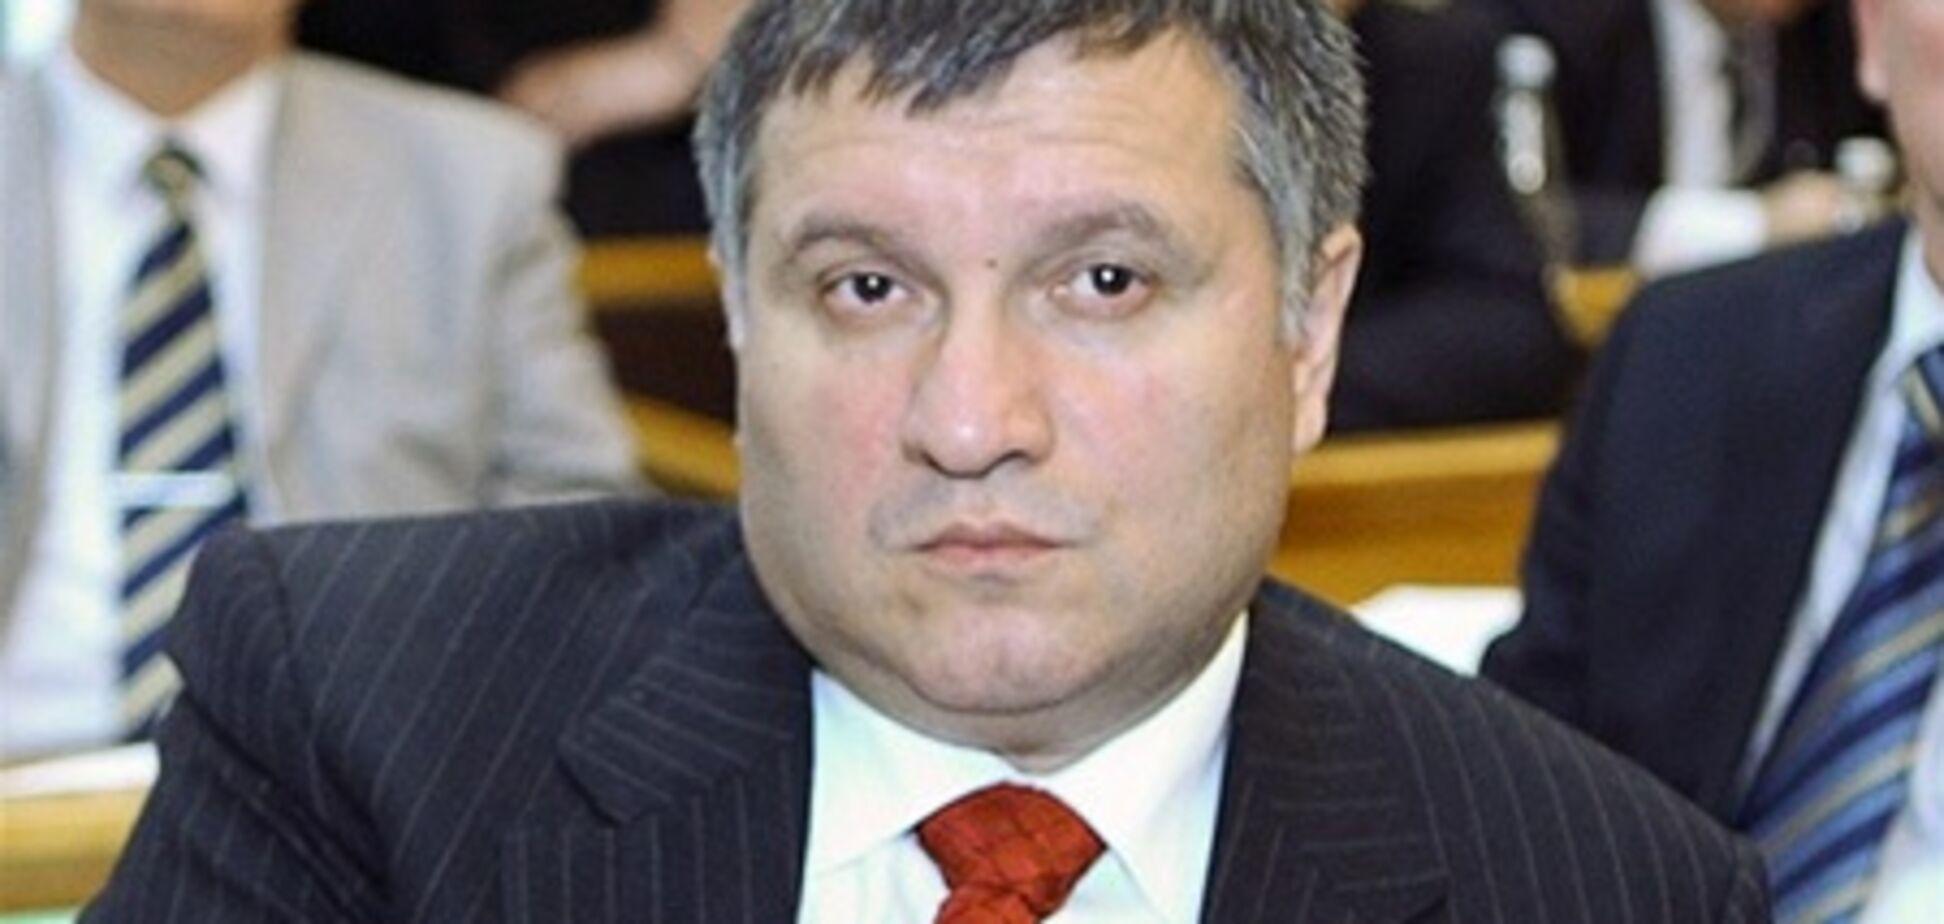 Авакову грозит до 6 лет тюрьмы